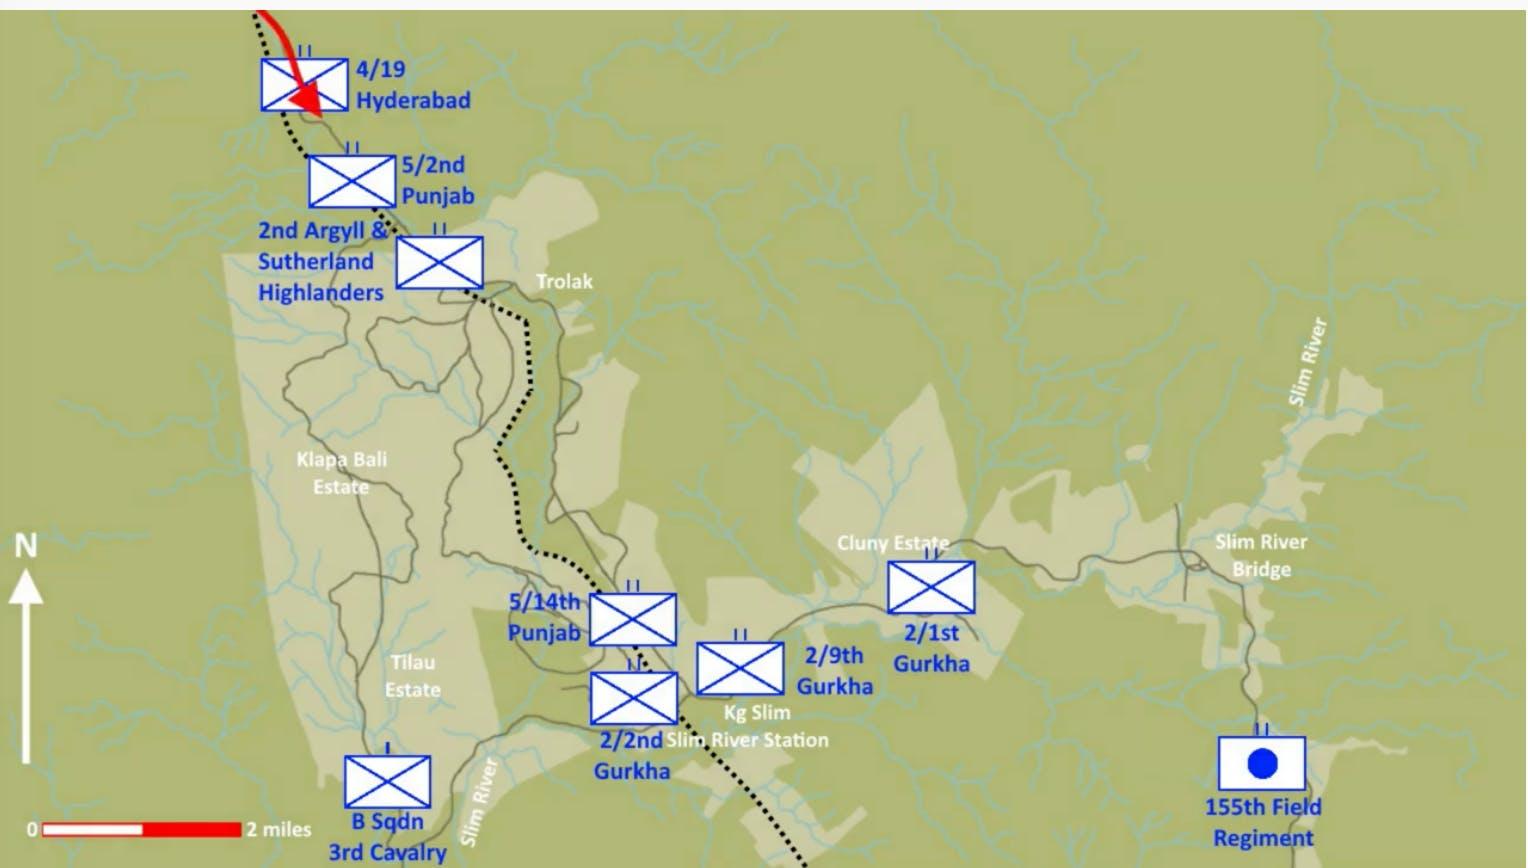 Episode 273-The Battle at Slim River